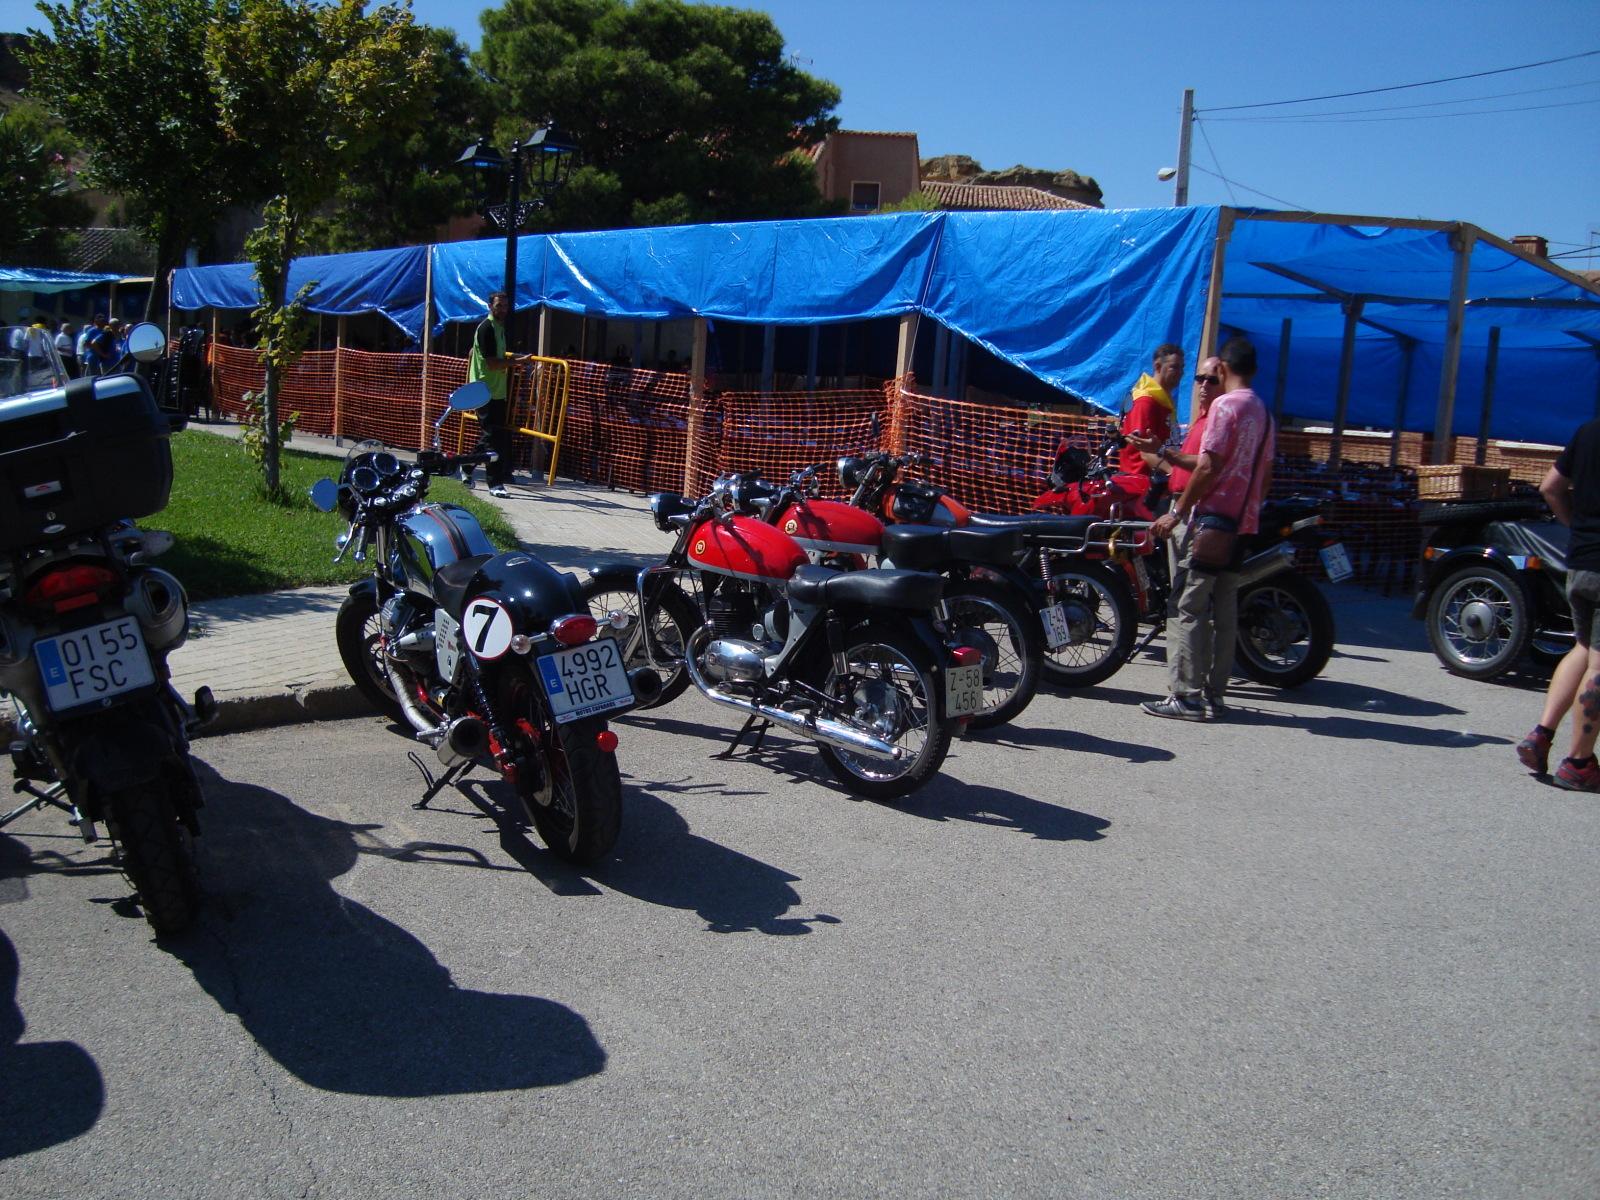 XI concentracion de motos antiguas en Alberuela de tubo (Huesca) Neg7eg